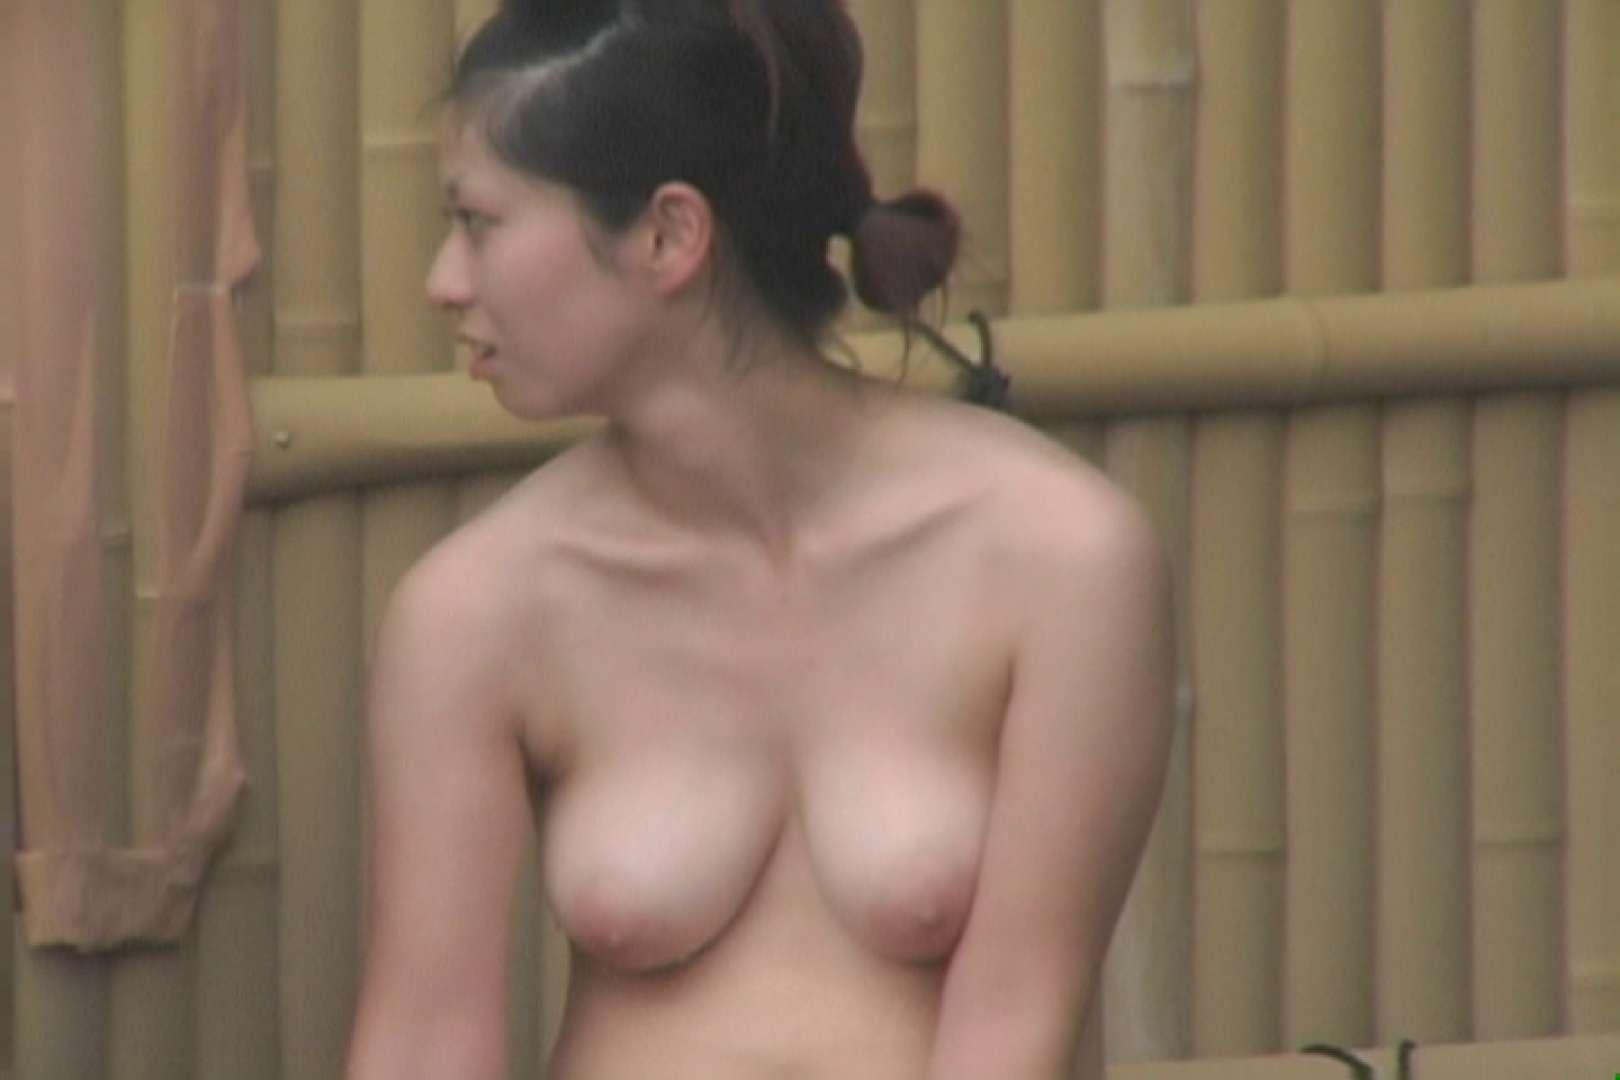 女露天風呂劇場 Vol.19 女湯の中 エロ画像 110画像 35